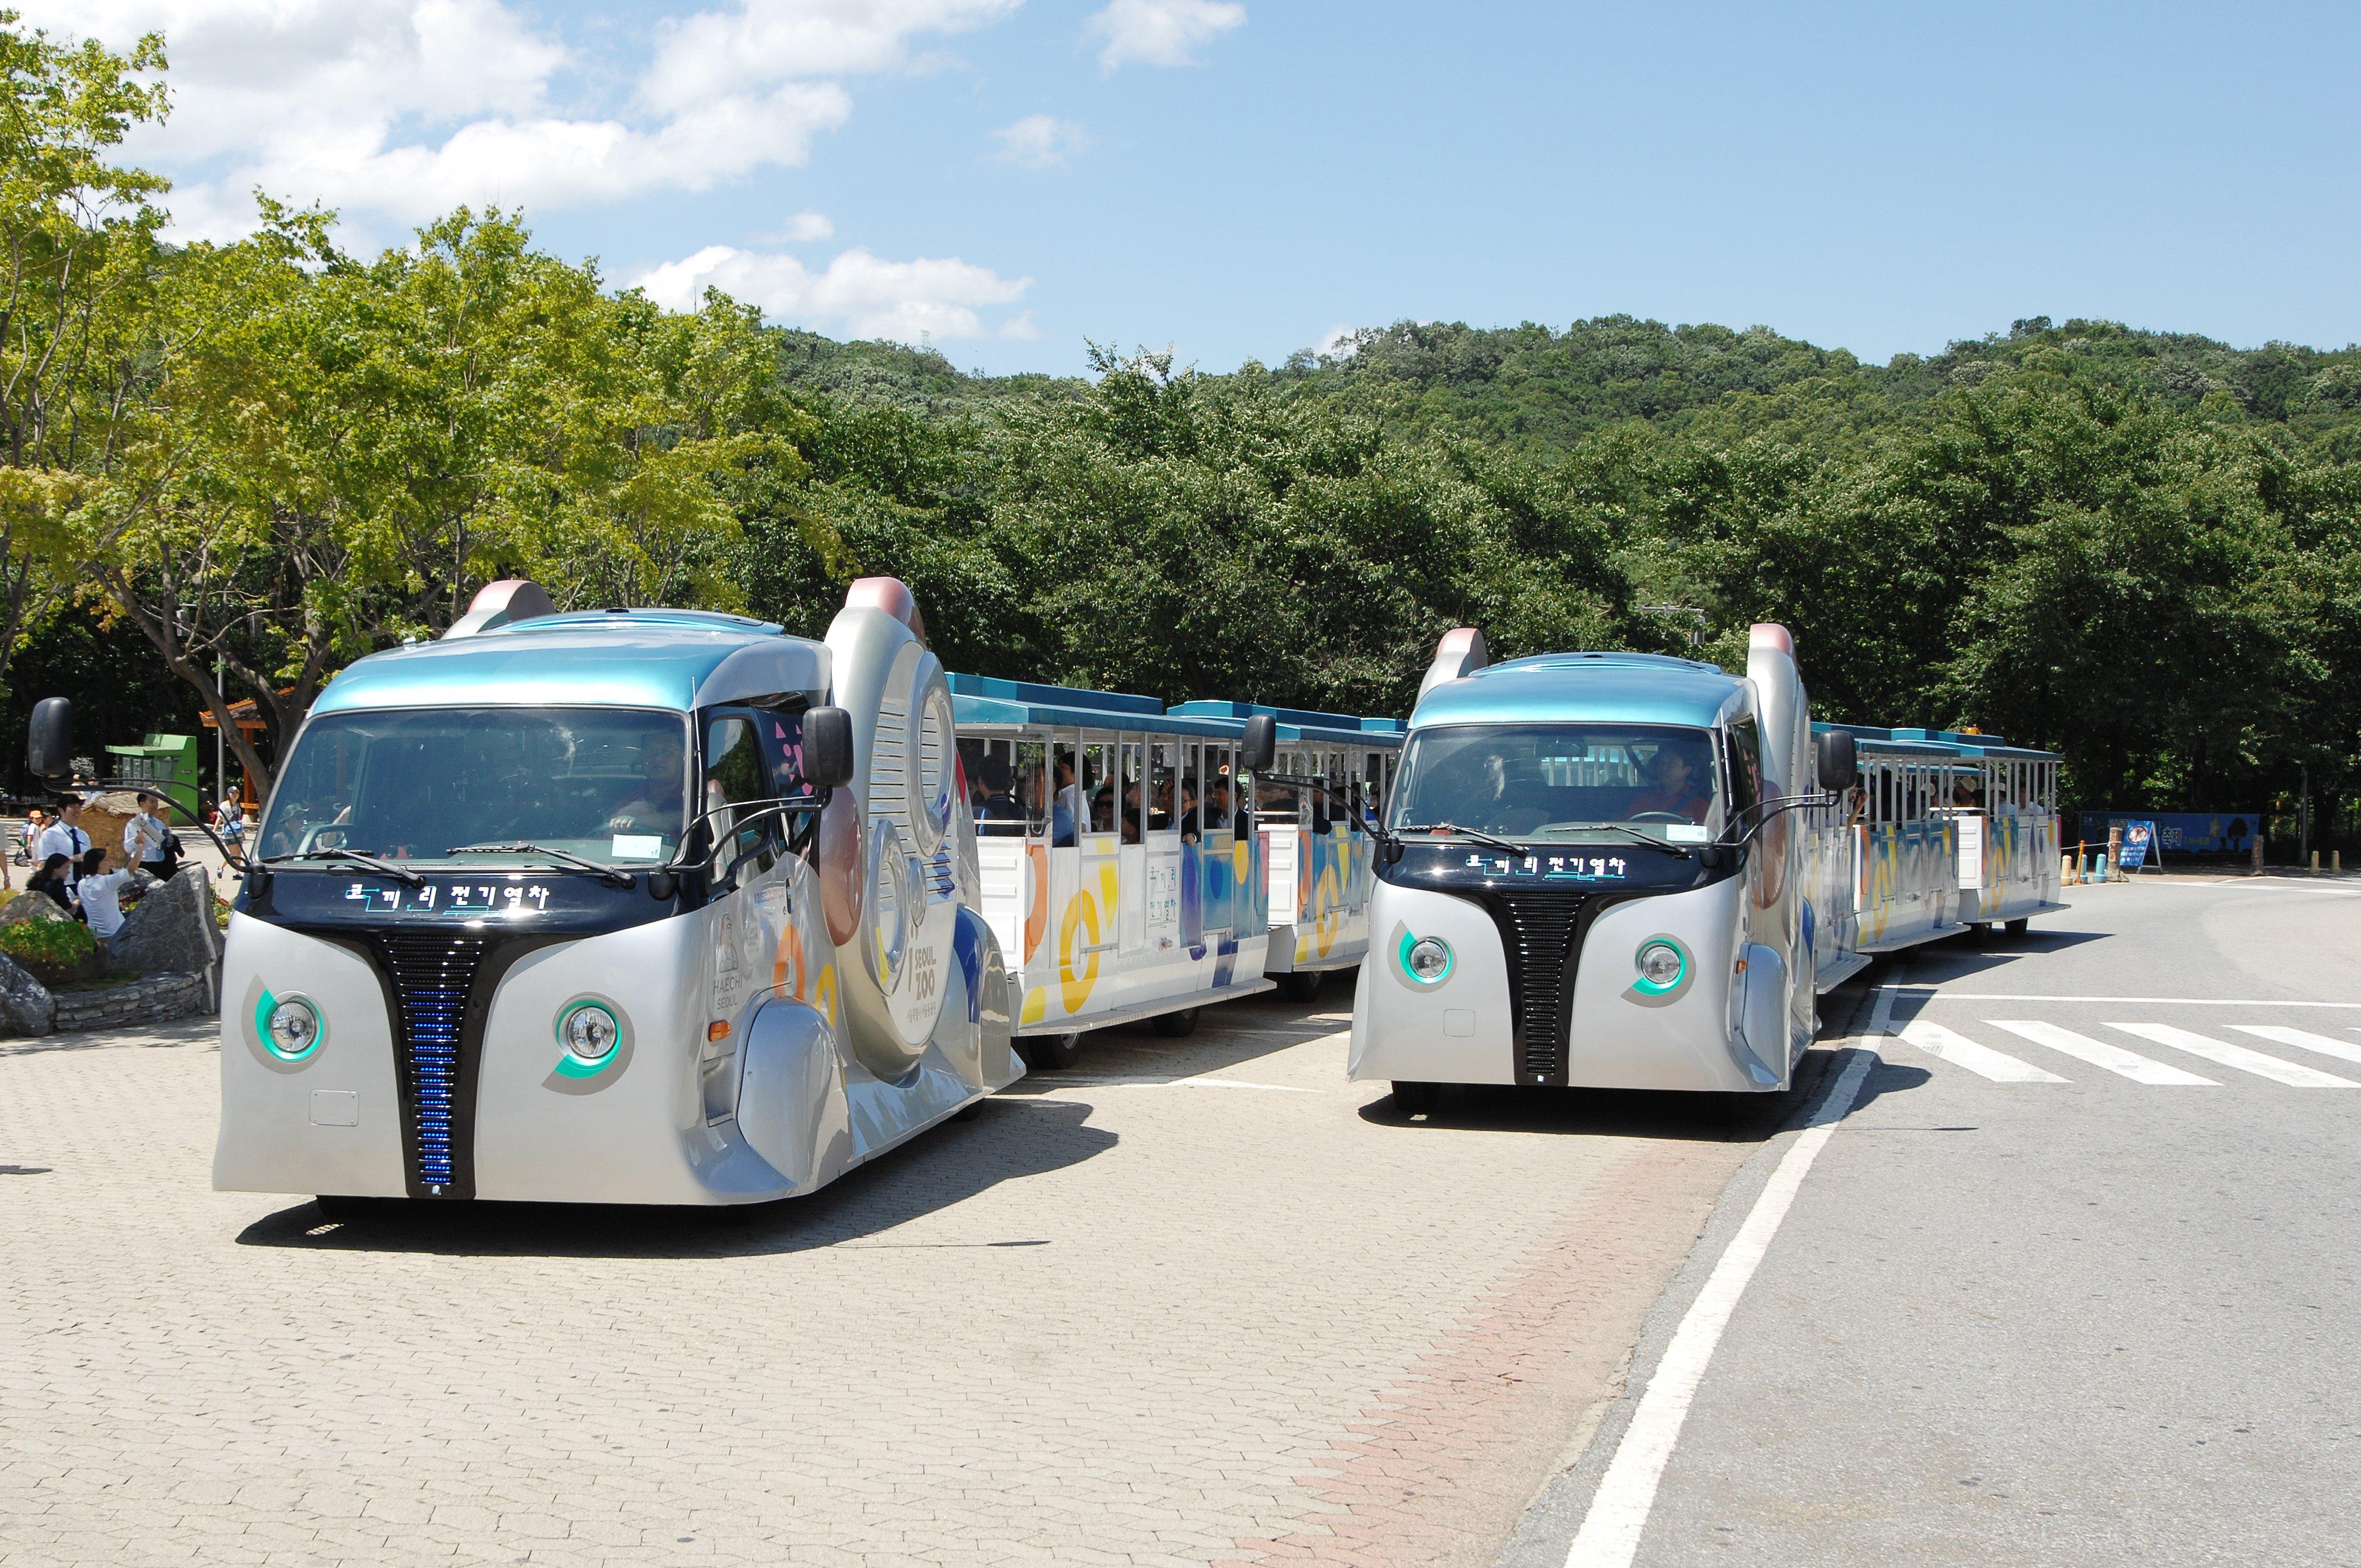 Der Zoo und Freizeitpark in Seoul nutzt bereits seit 2011 die Induktionstechnik, um die Gäste über das Gelände zu fahren.